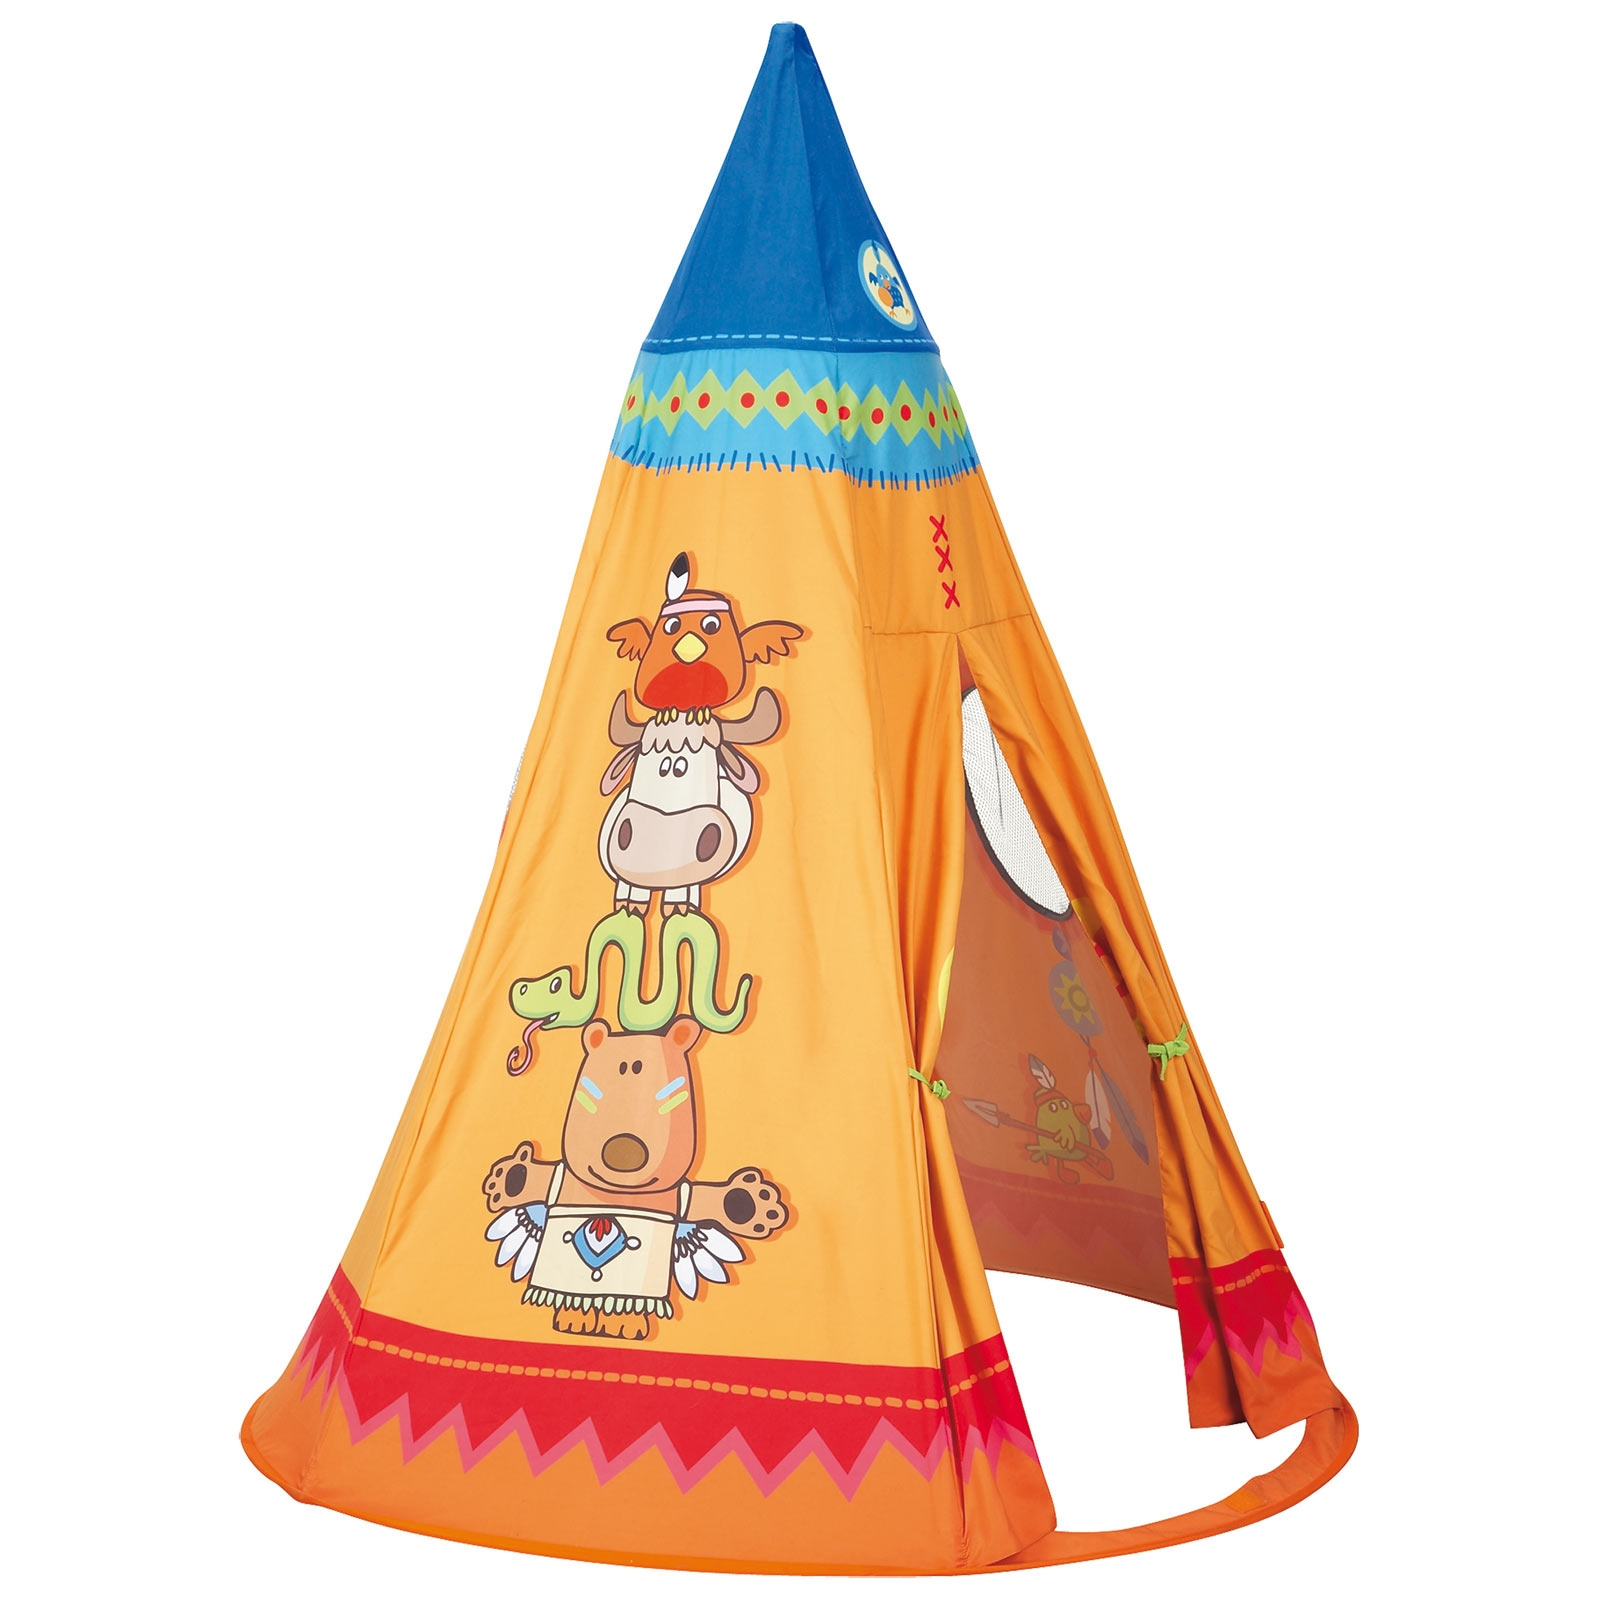 Tente Chambre Garcon dedans tente de jeu, piscine à balles pour enfant | berceau magique